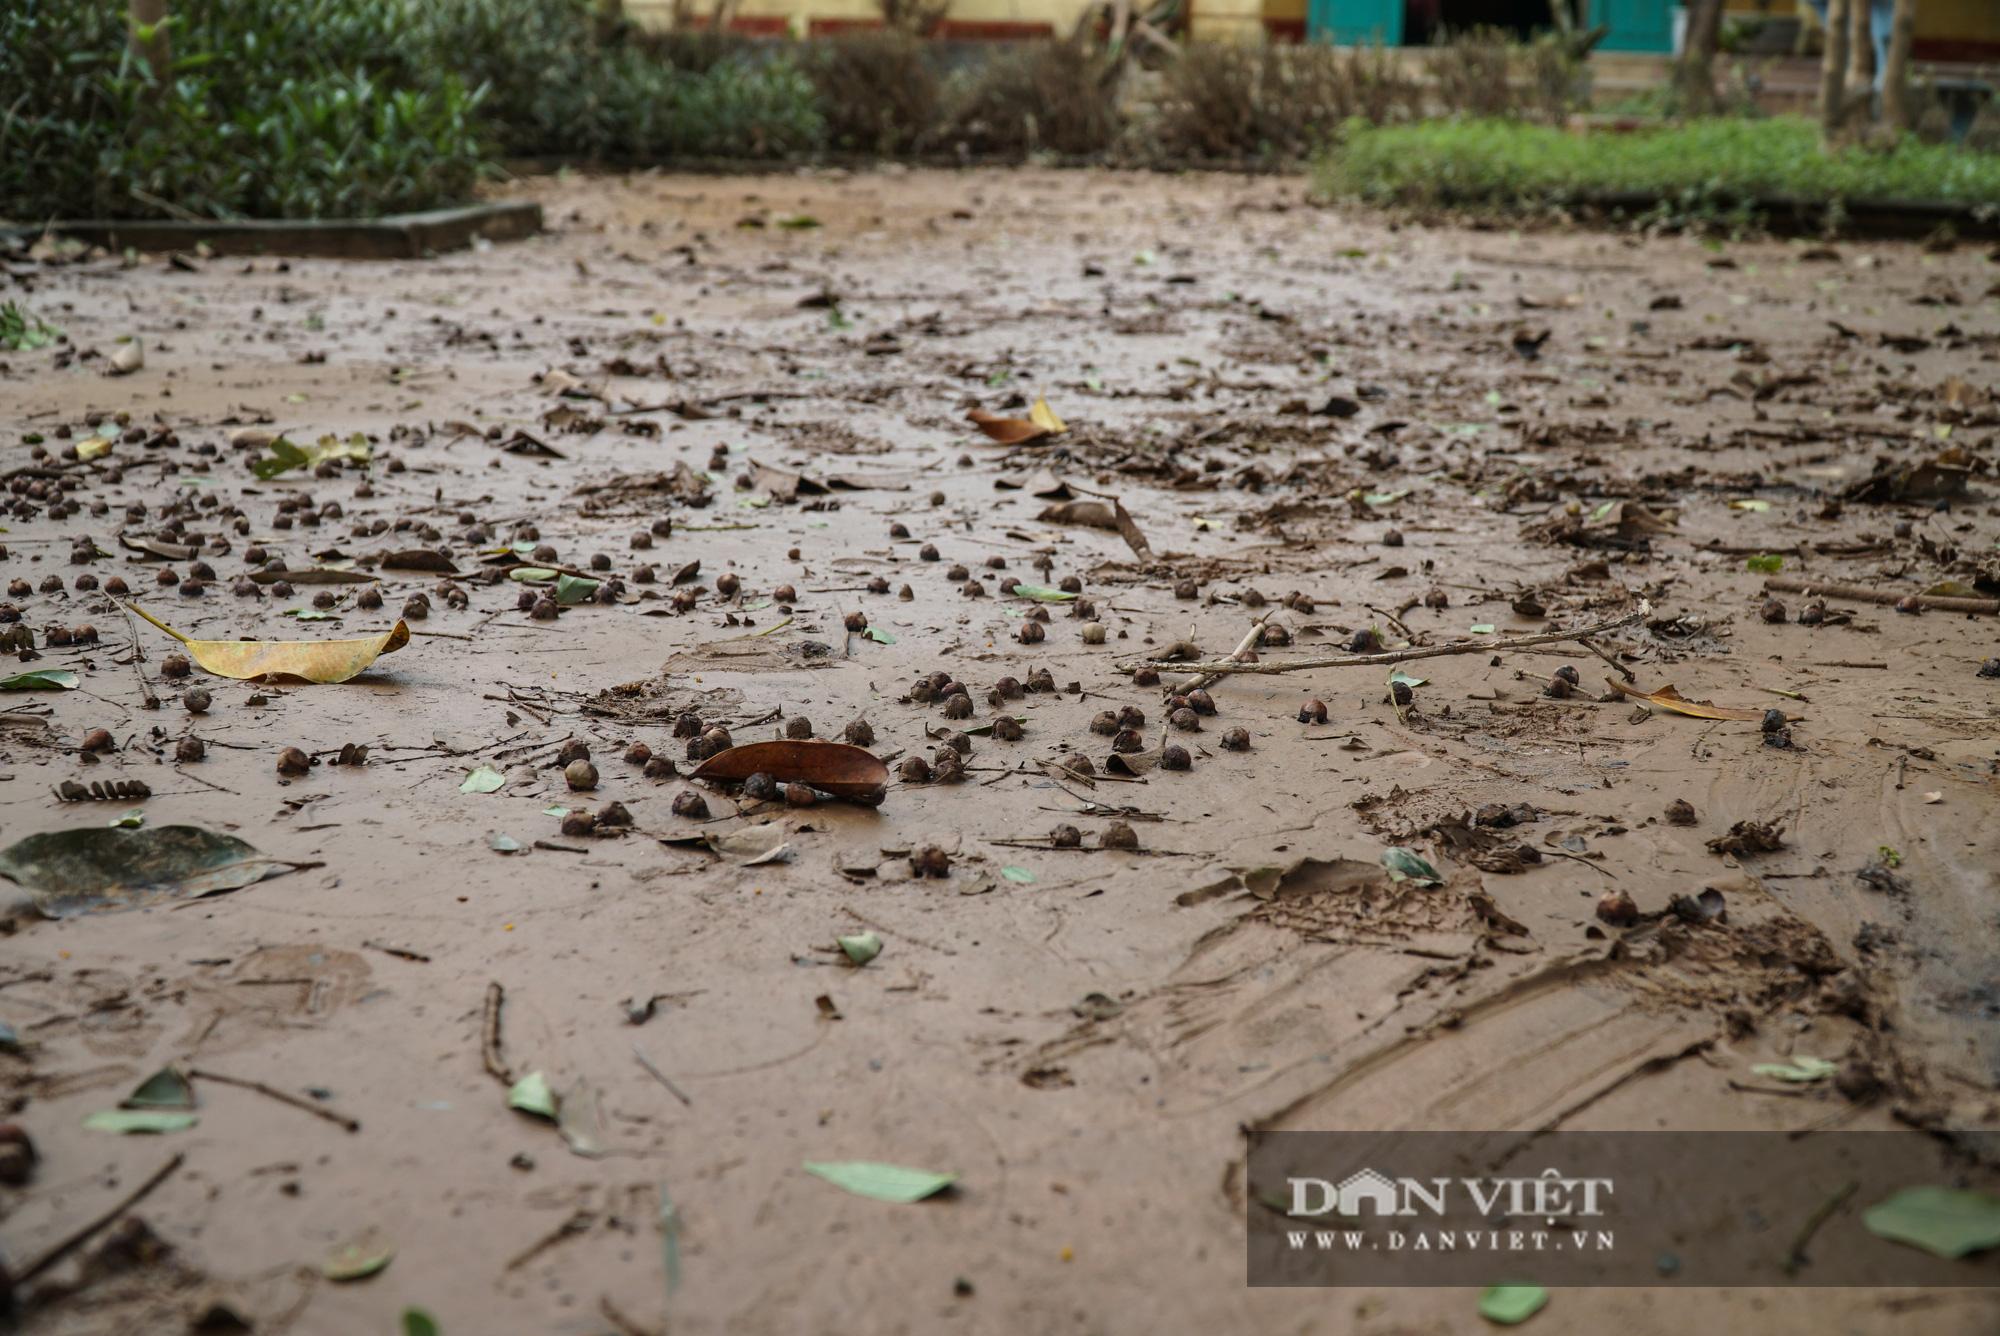 Quảng trị: Các trường học được hỗ trợ máy rửa bùn non sau bão lũ - Ảnh 6.